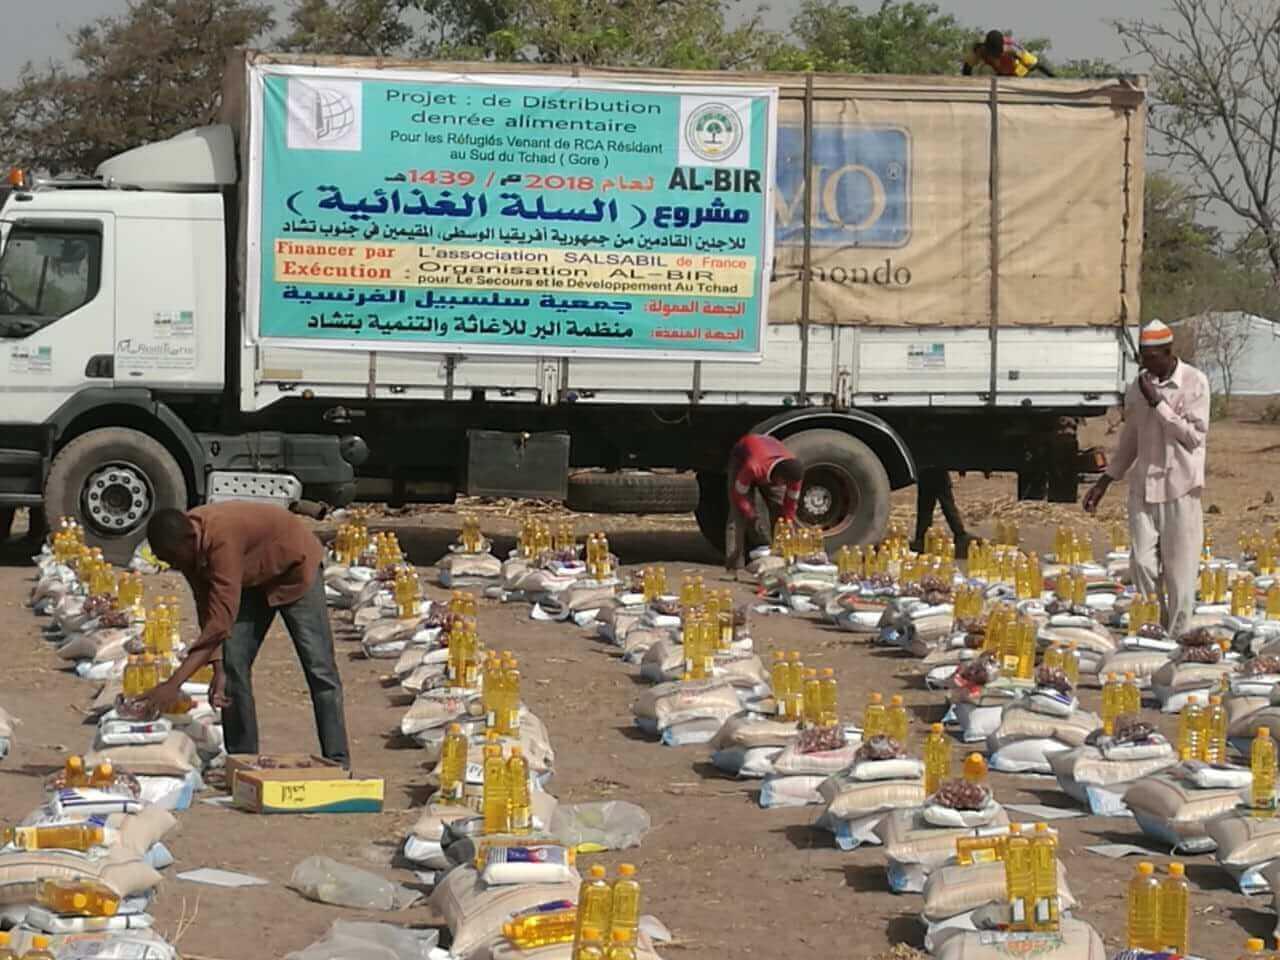 توزيع 298 سلة غذائية رمضانية لصالح 230 أسرة من الفارين من جمهورية افريقيا الوسطى بمعسكرقوري جنوب البلاد